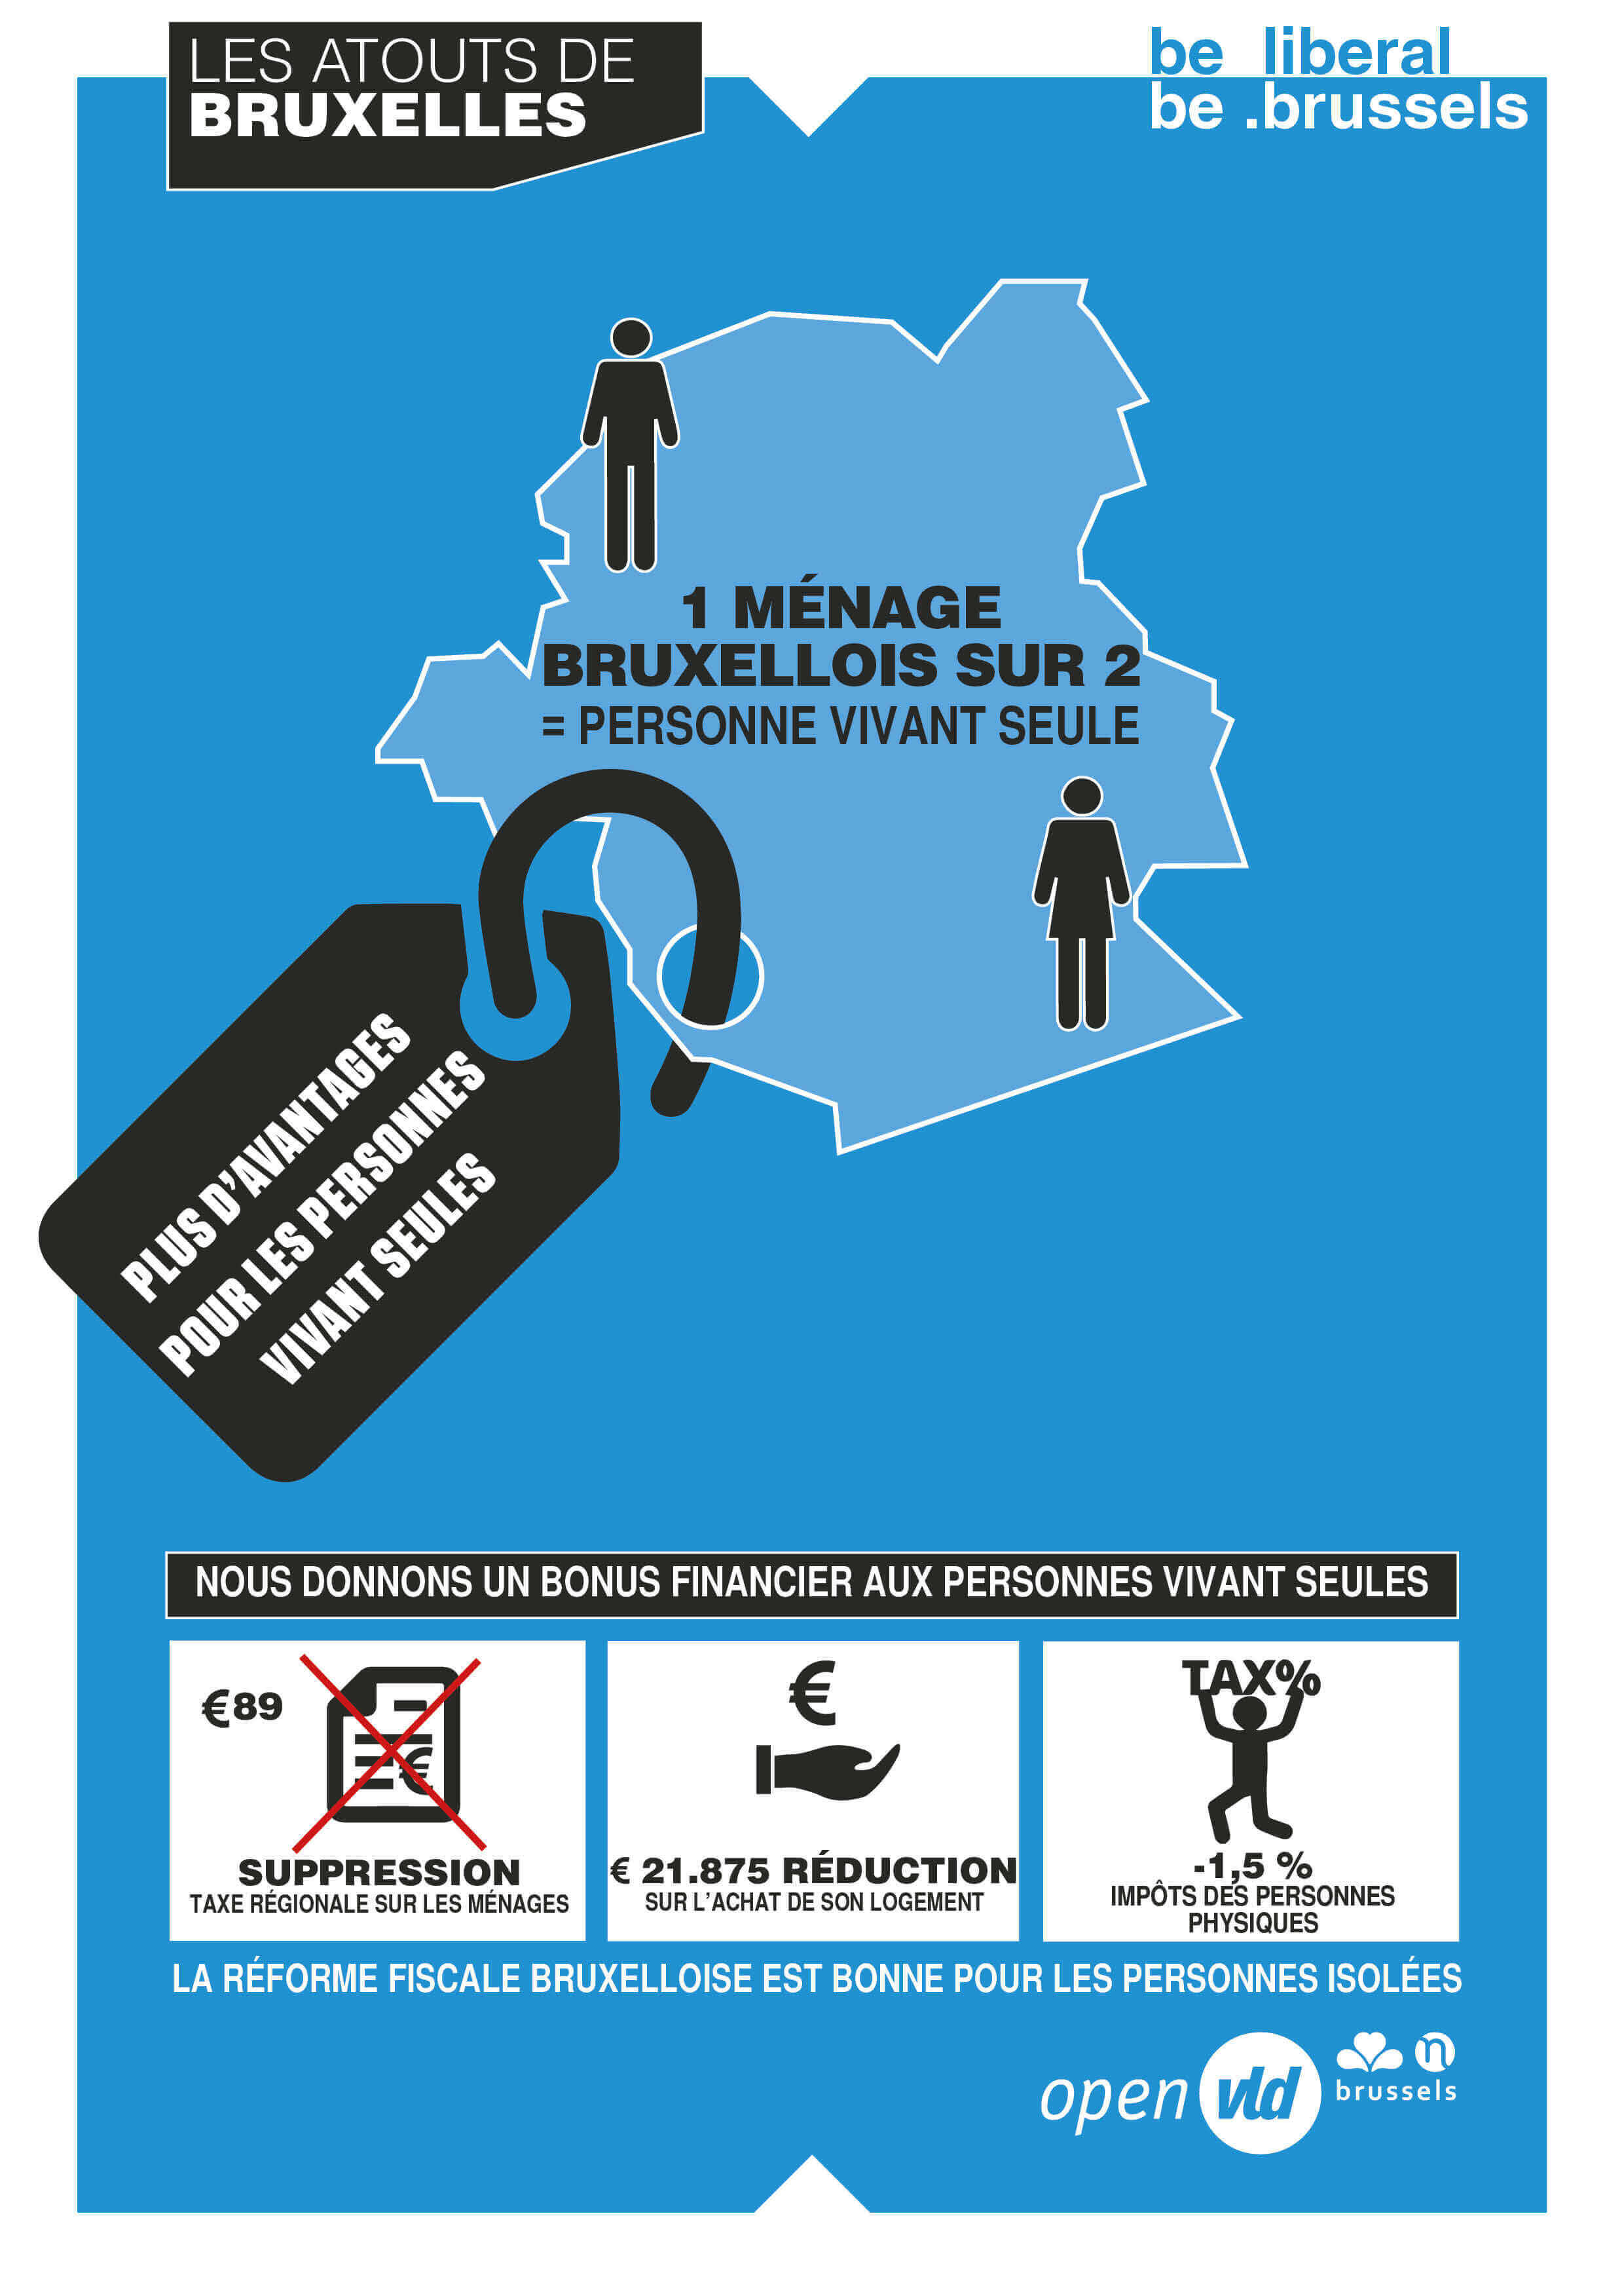 La réforme fiscale bruxelloise est bonne pour les personnes isolées